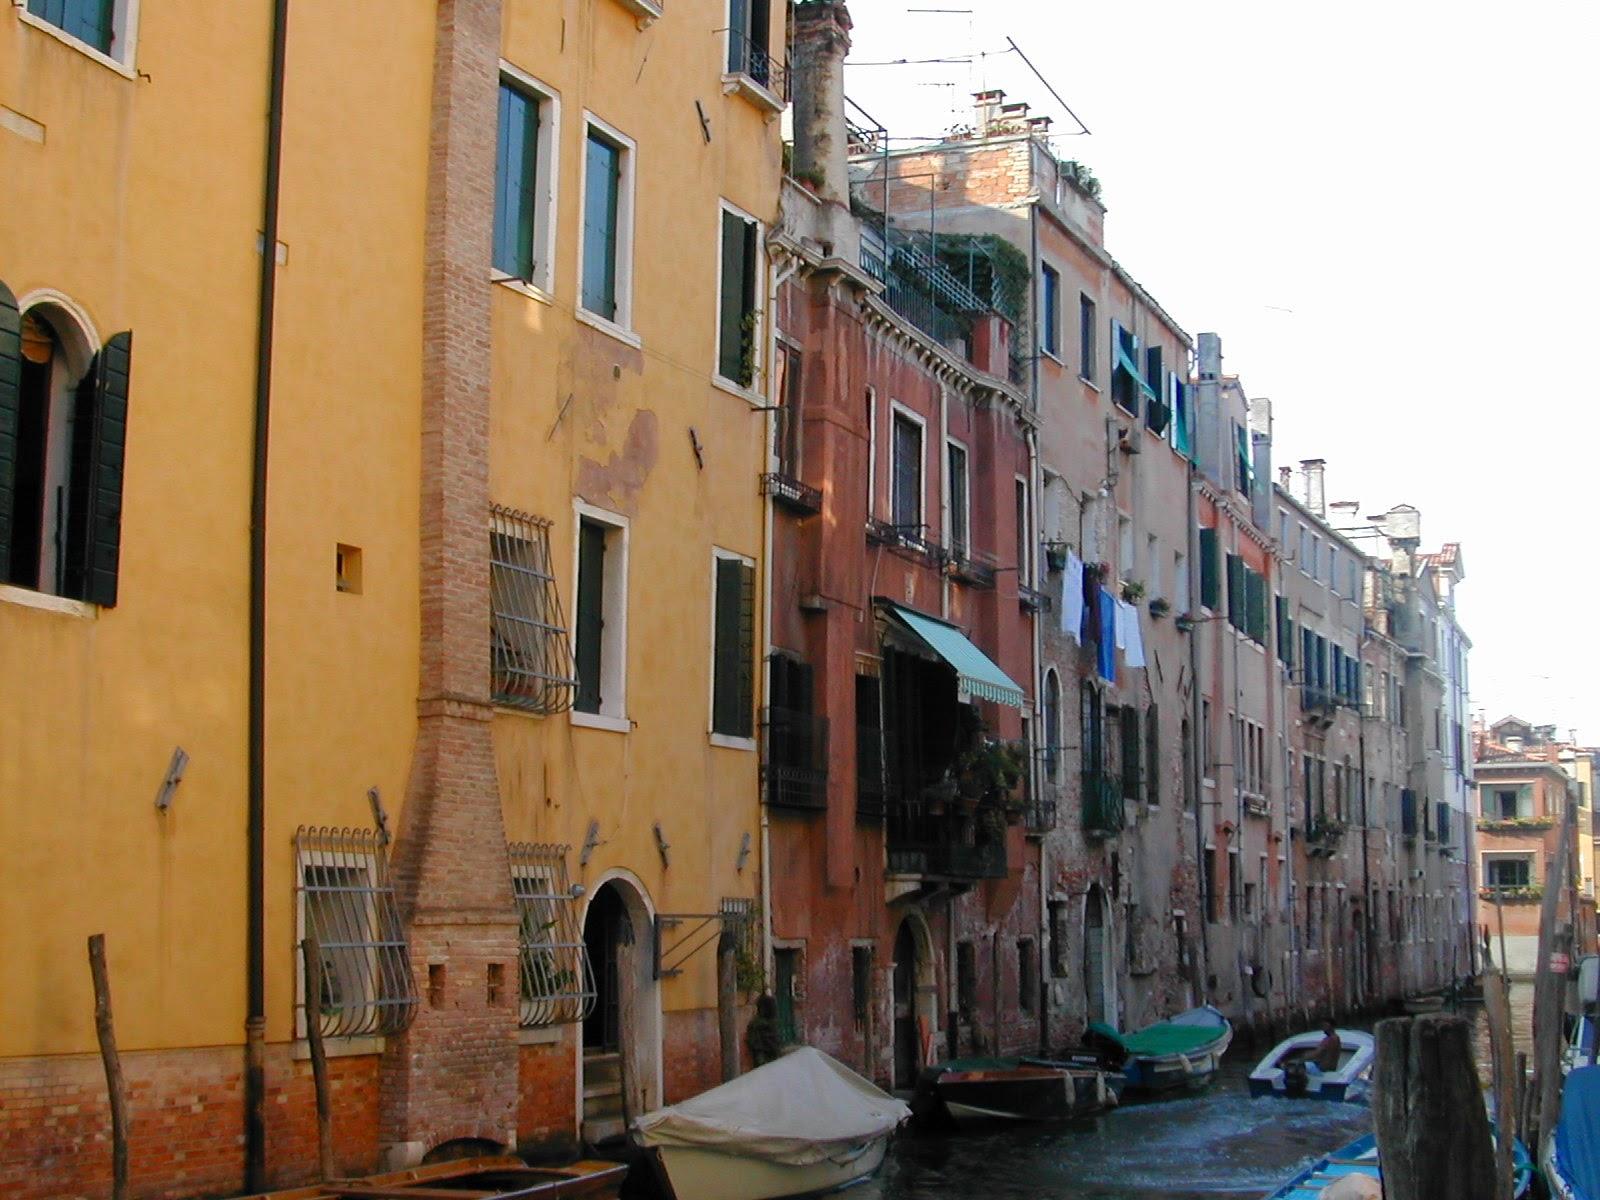 venice, canal, houses, gondolas